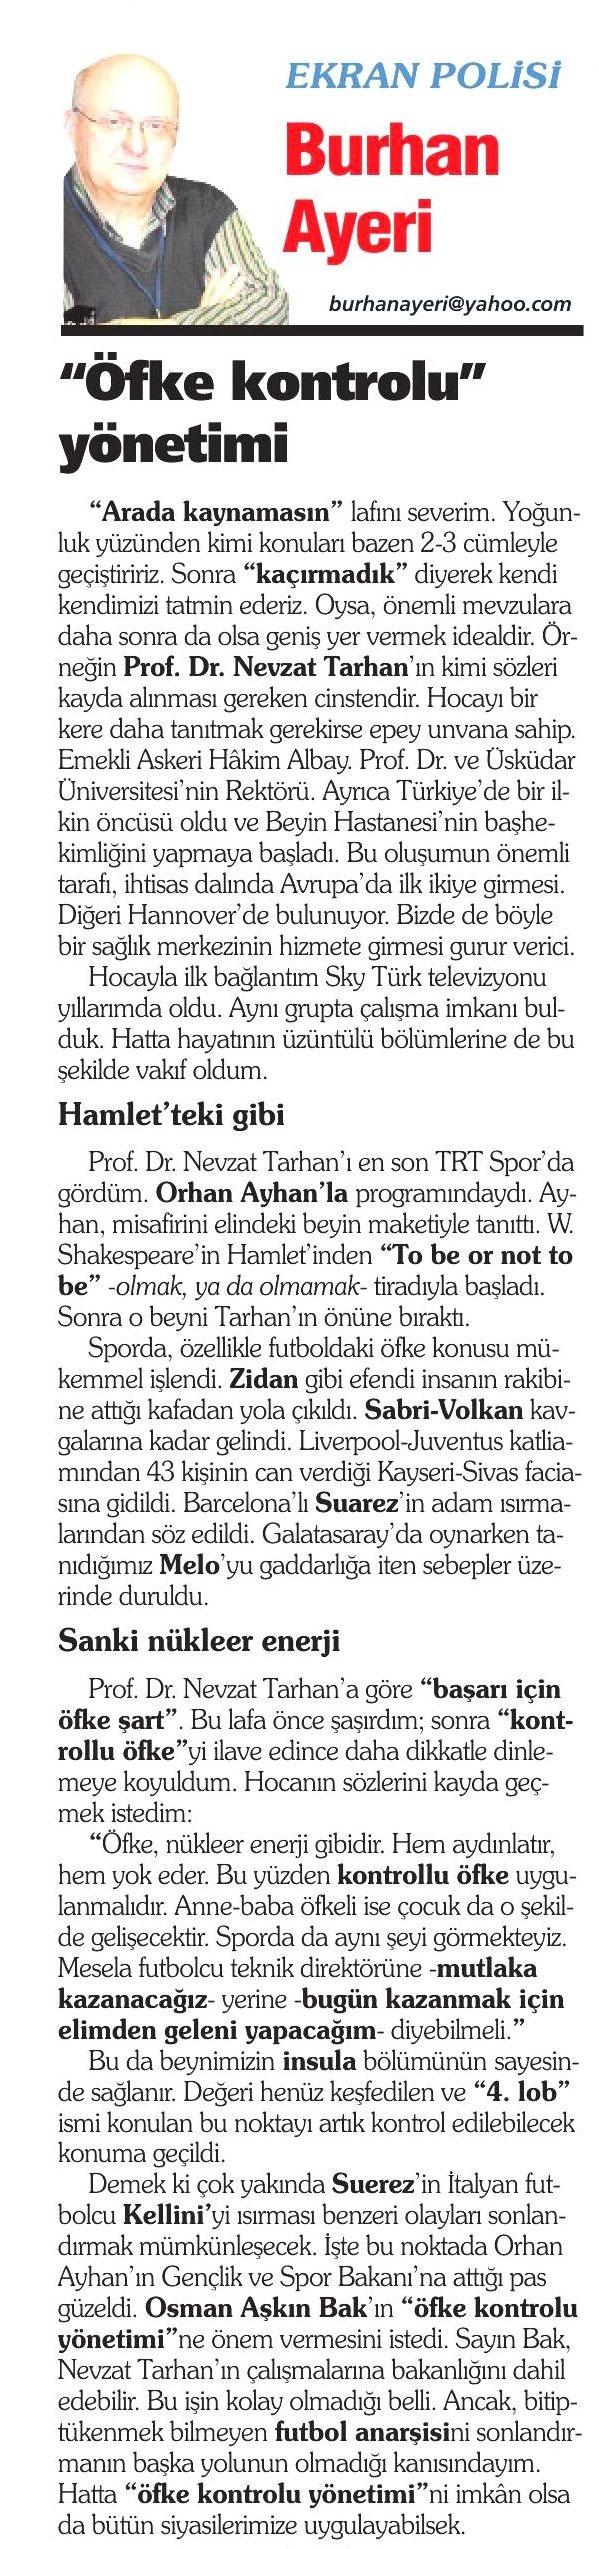 """Prof. Dr. Nevzat Tarhan: """"Sporda da kontrollü öfke uygulanmalıdır"""""""